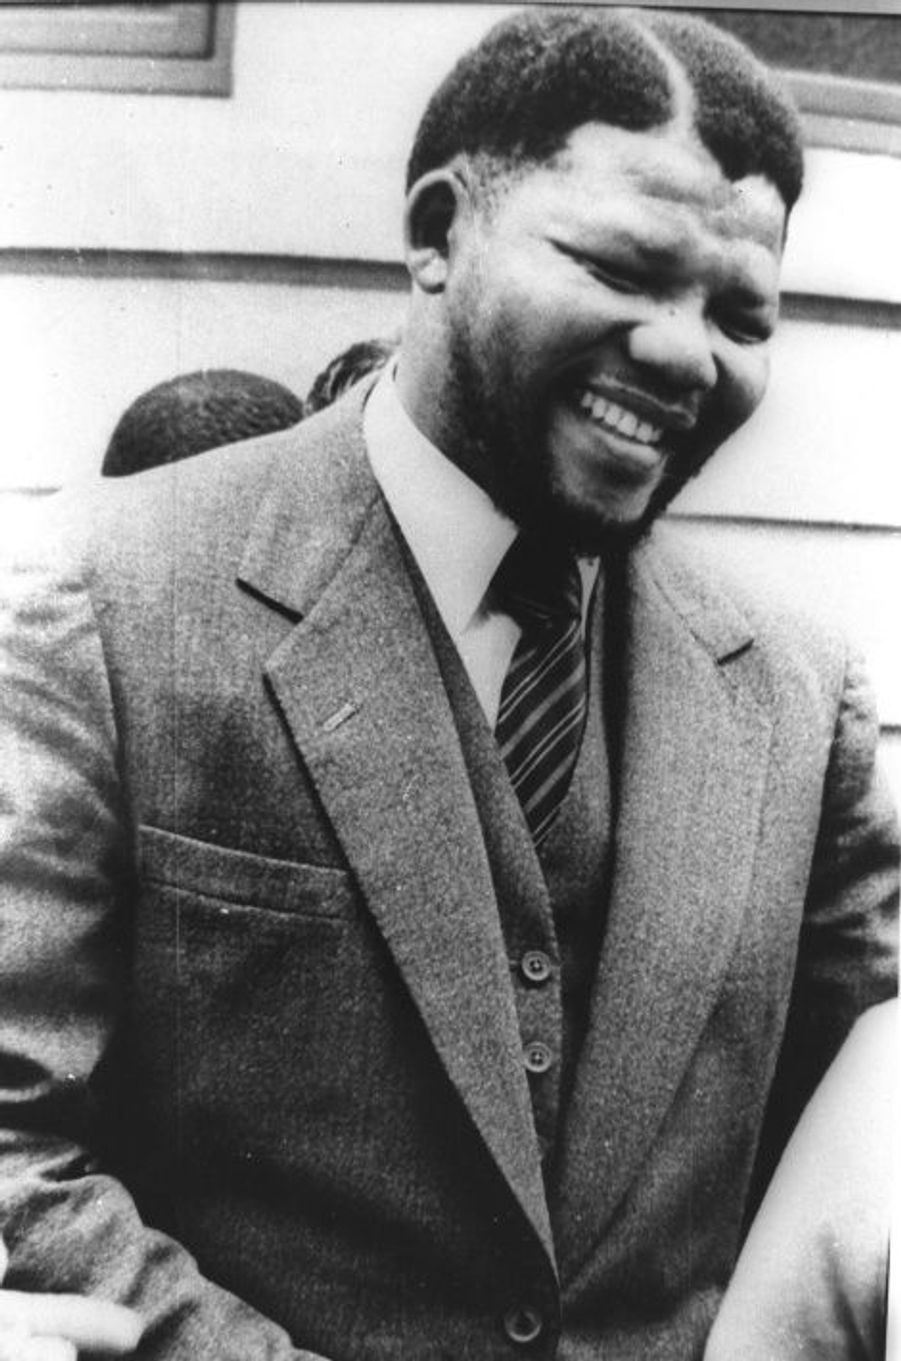 Nelson Mandela s'est éteint ce jeudi, à l'âge de 95 ans. Son destin est lié à jamais à celui de l'Afrique du Sud. Retour en images sur une vie exceptionnelle.Condamné en 1963 à la prison à perpétuité lors des procès de Rivonia, il passera 27 ans en prison avant de pouvoir sortir.